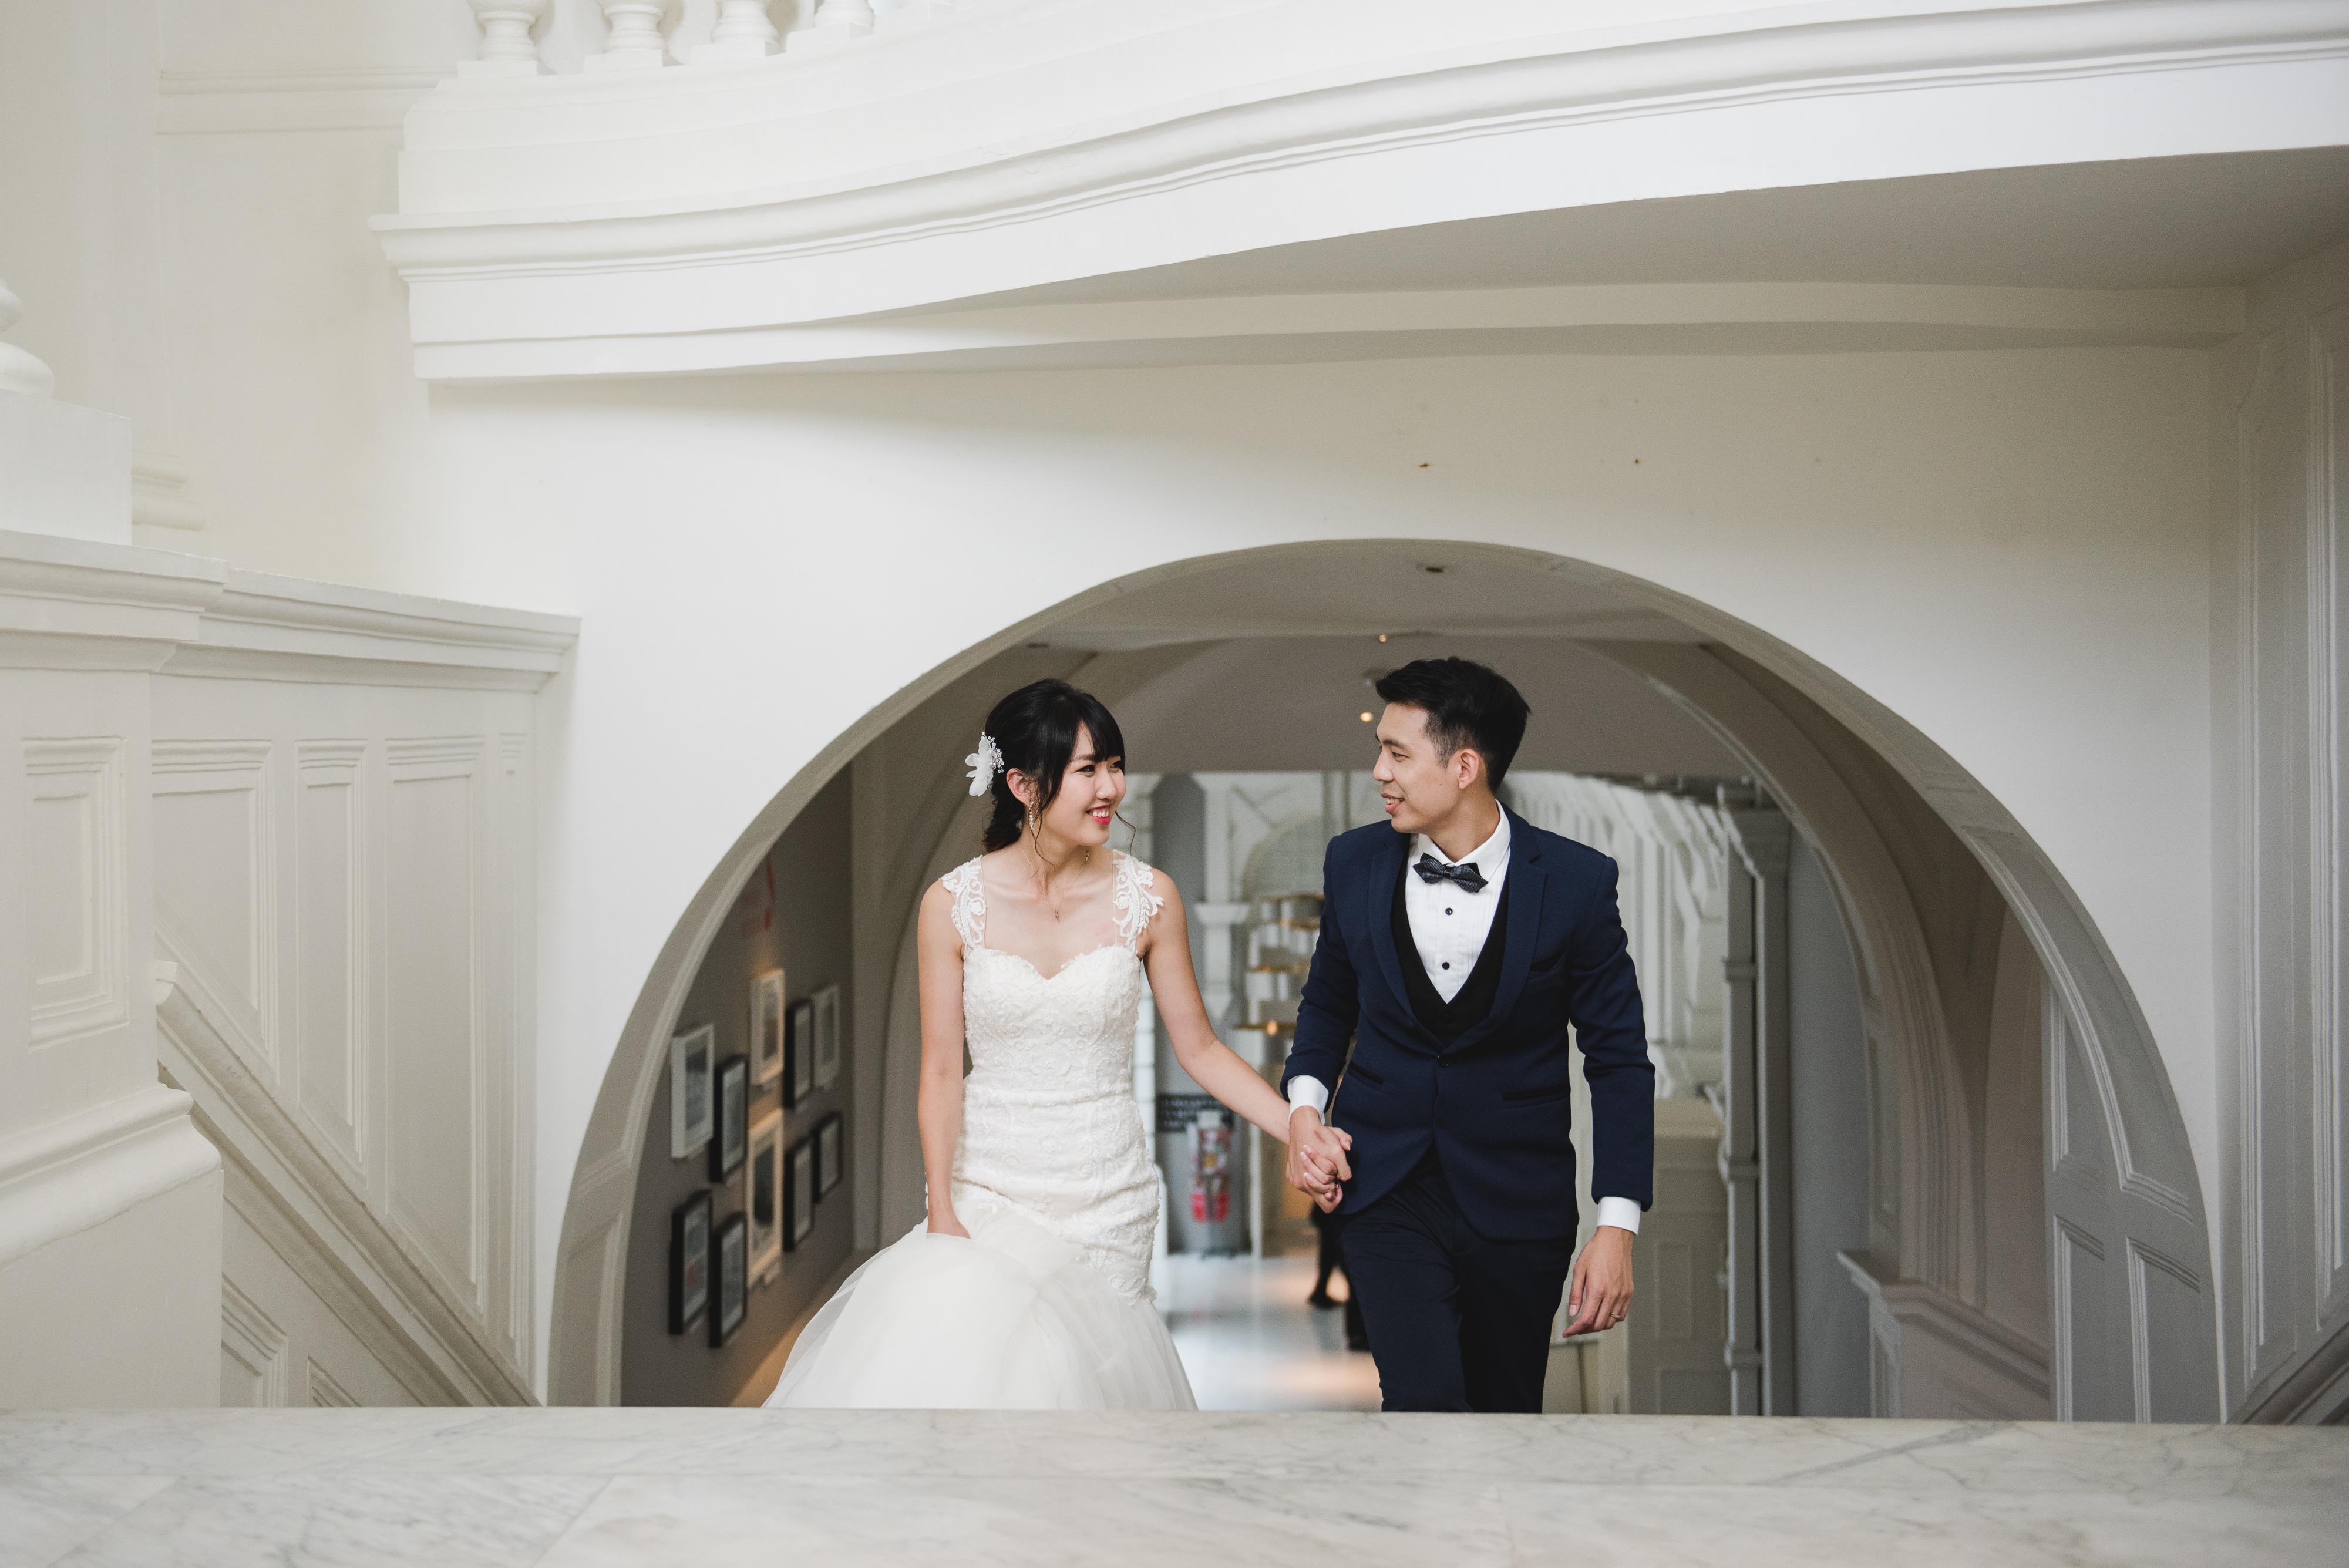 Zhi Sheng & Alina - PW-17